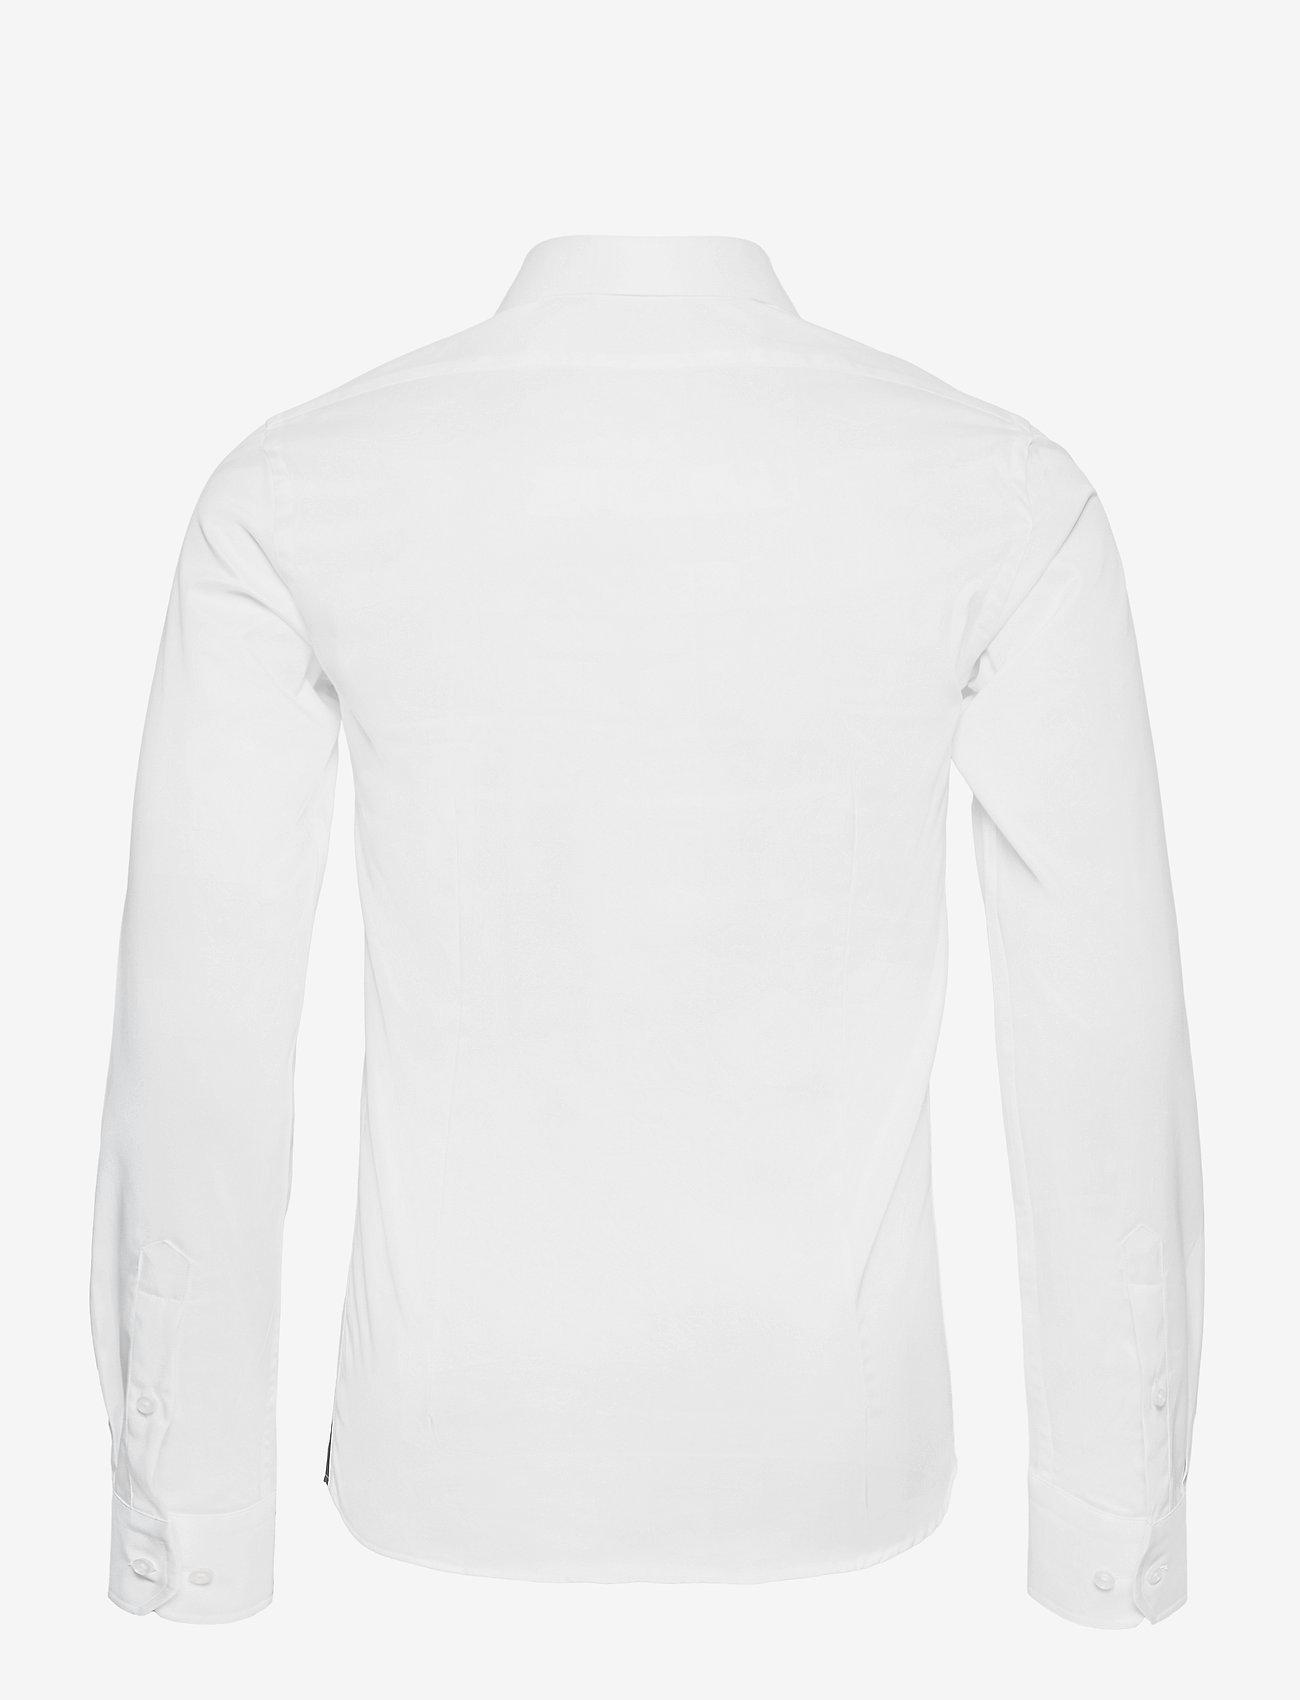 XO Shirtmaker by Sand Copenhagen - 8085 - Jake FC - basic skjortor - optical white - 1